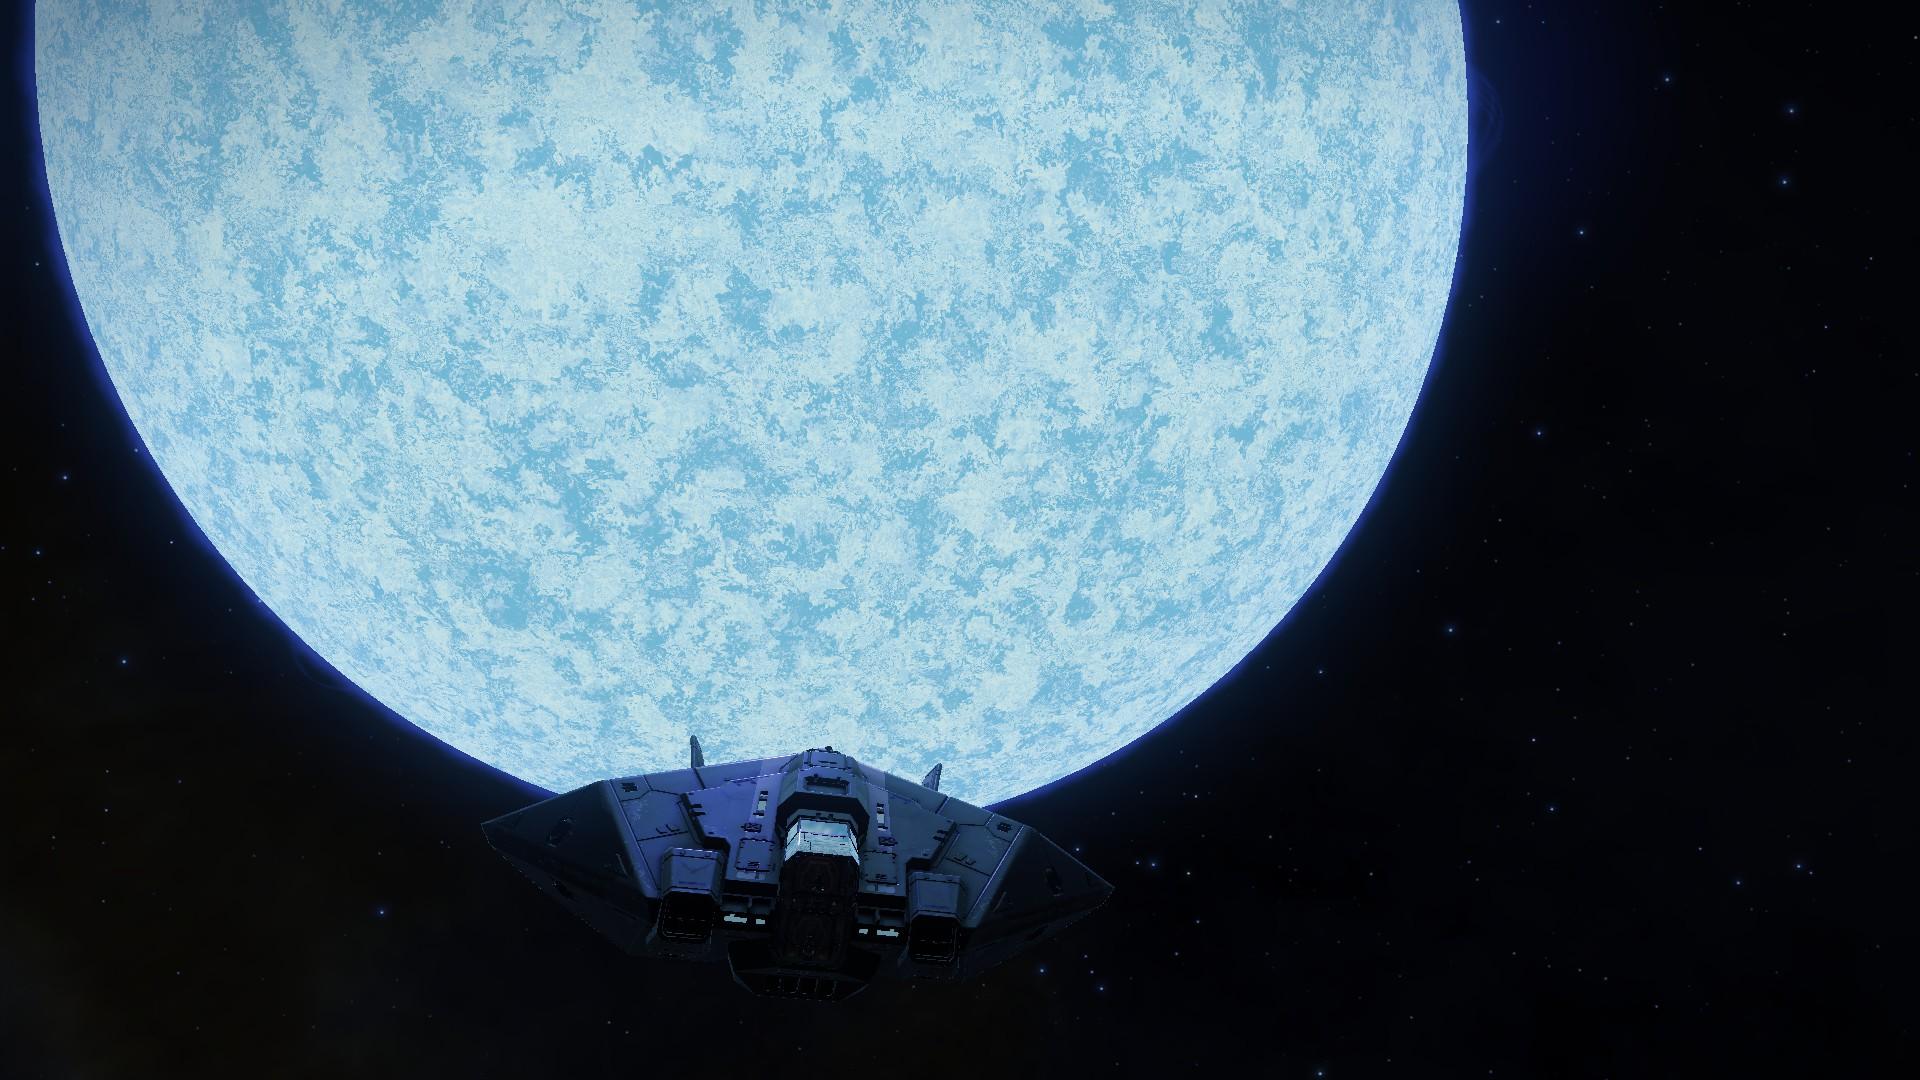 191129-2-Pyroifa_CL-Y_G9-blue.jpg